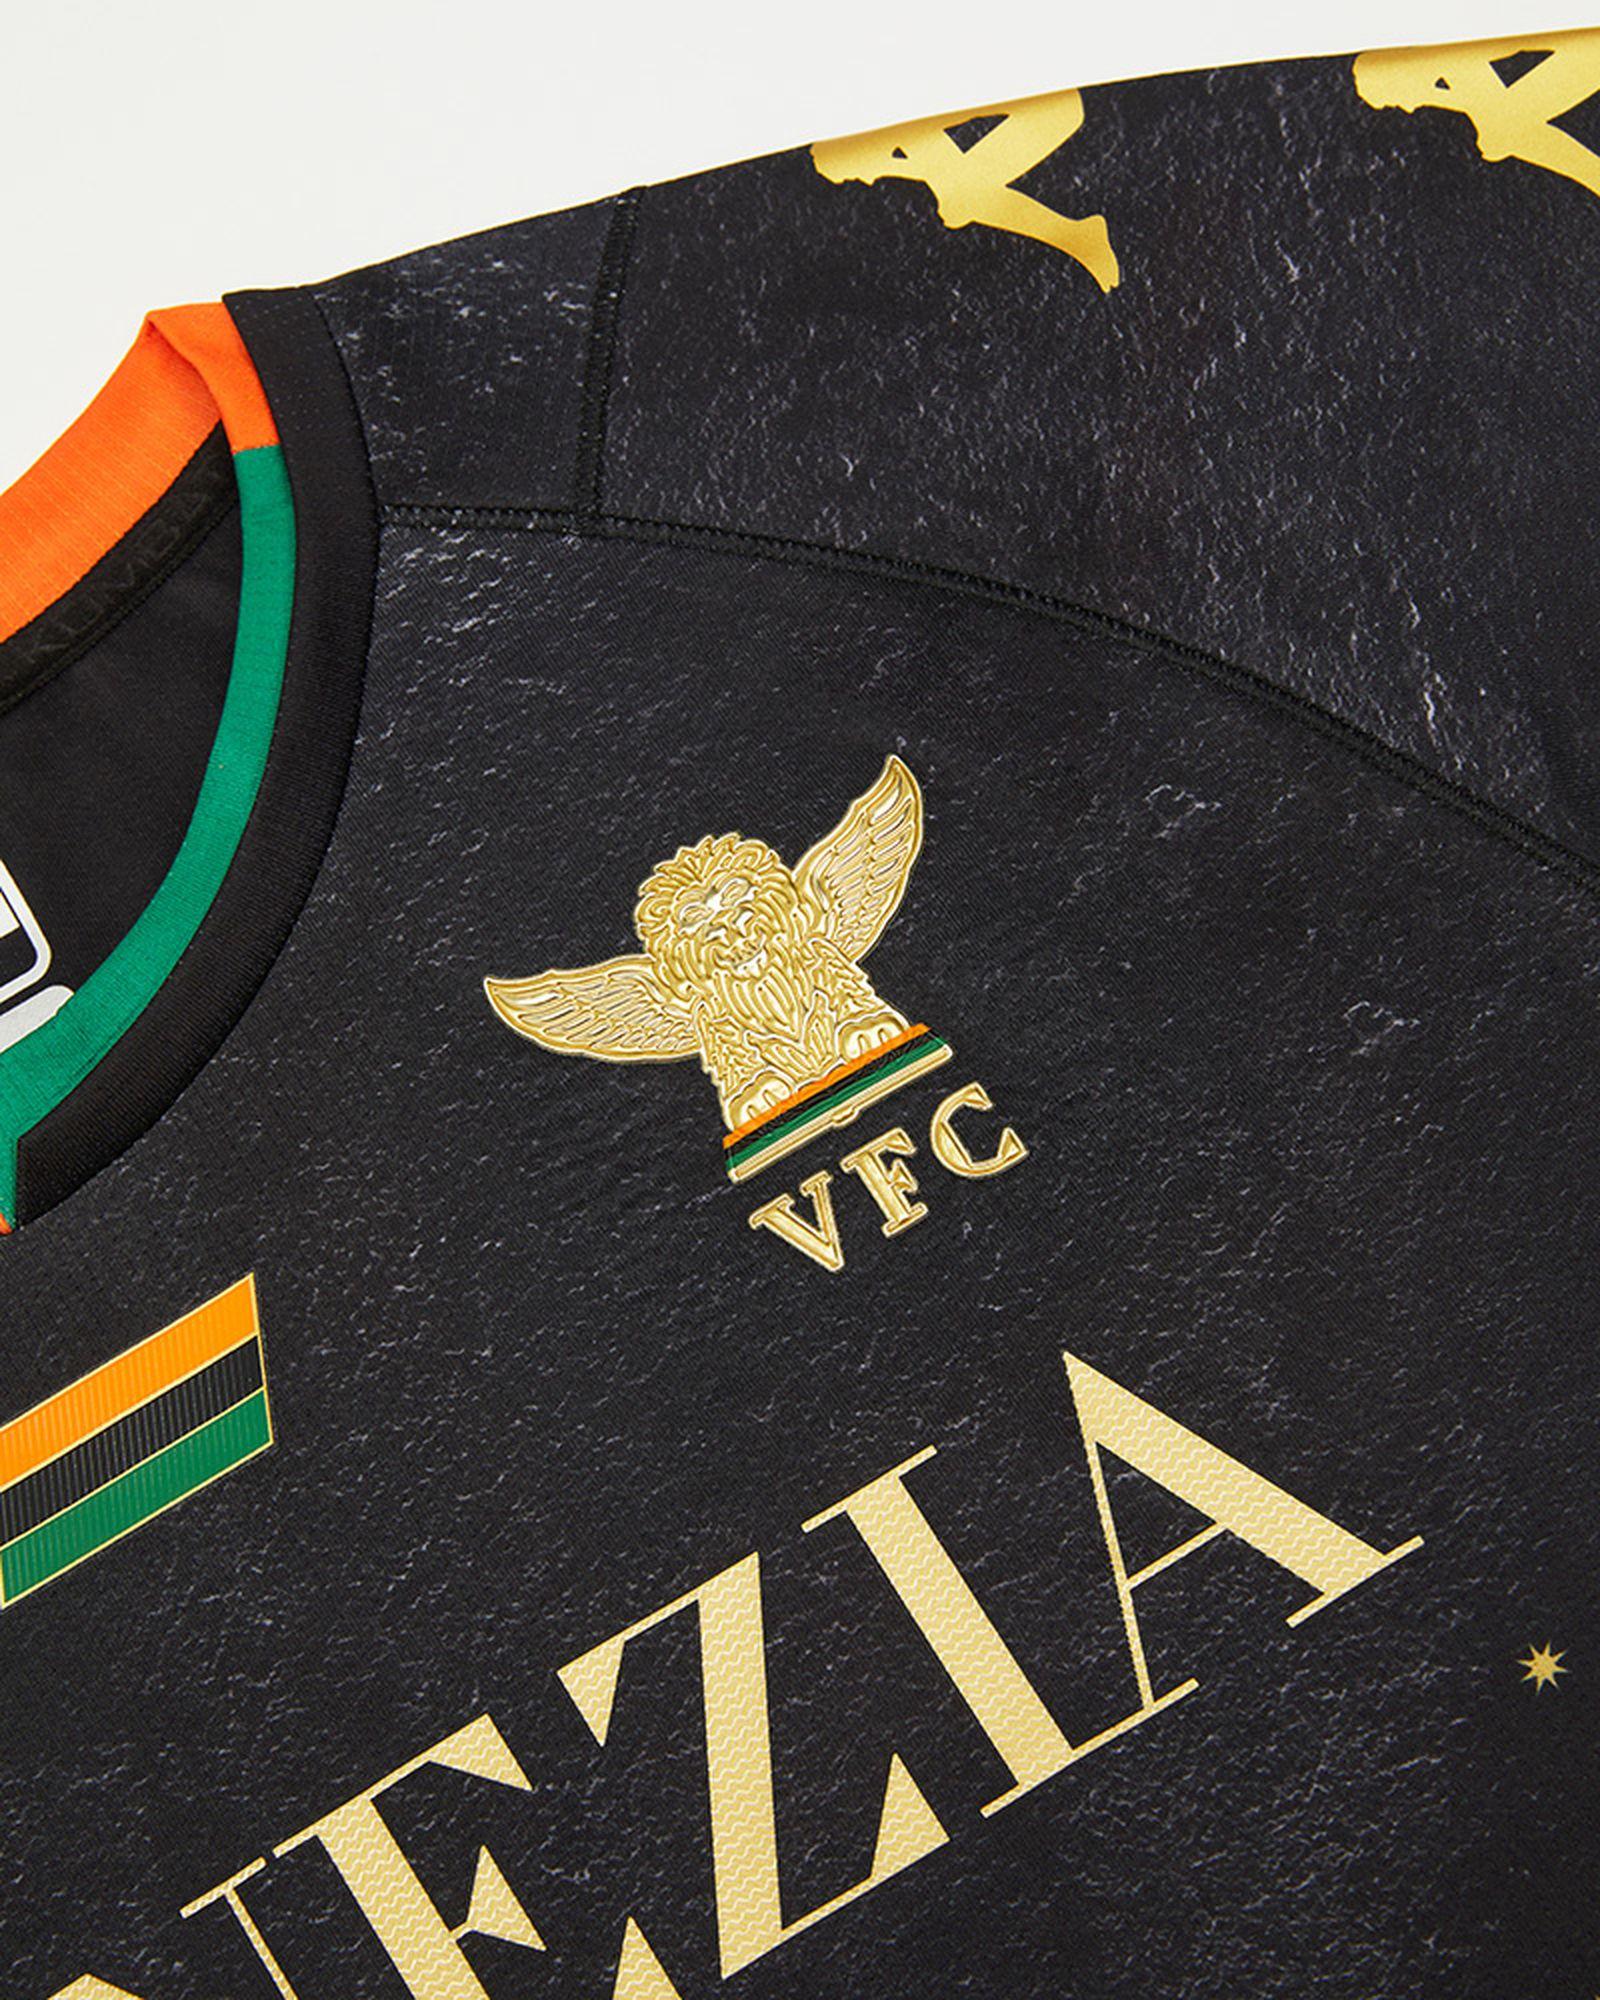 venezia-kappa-home-shirt-03